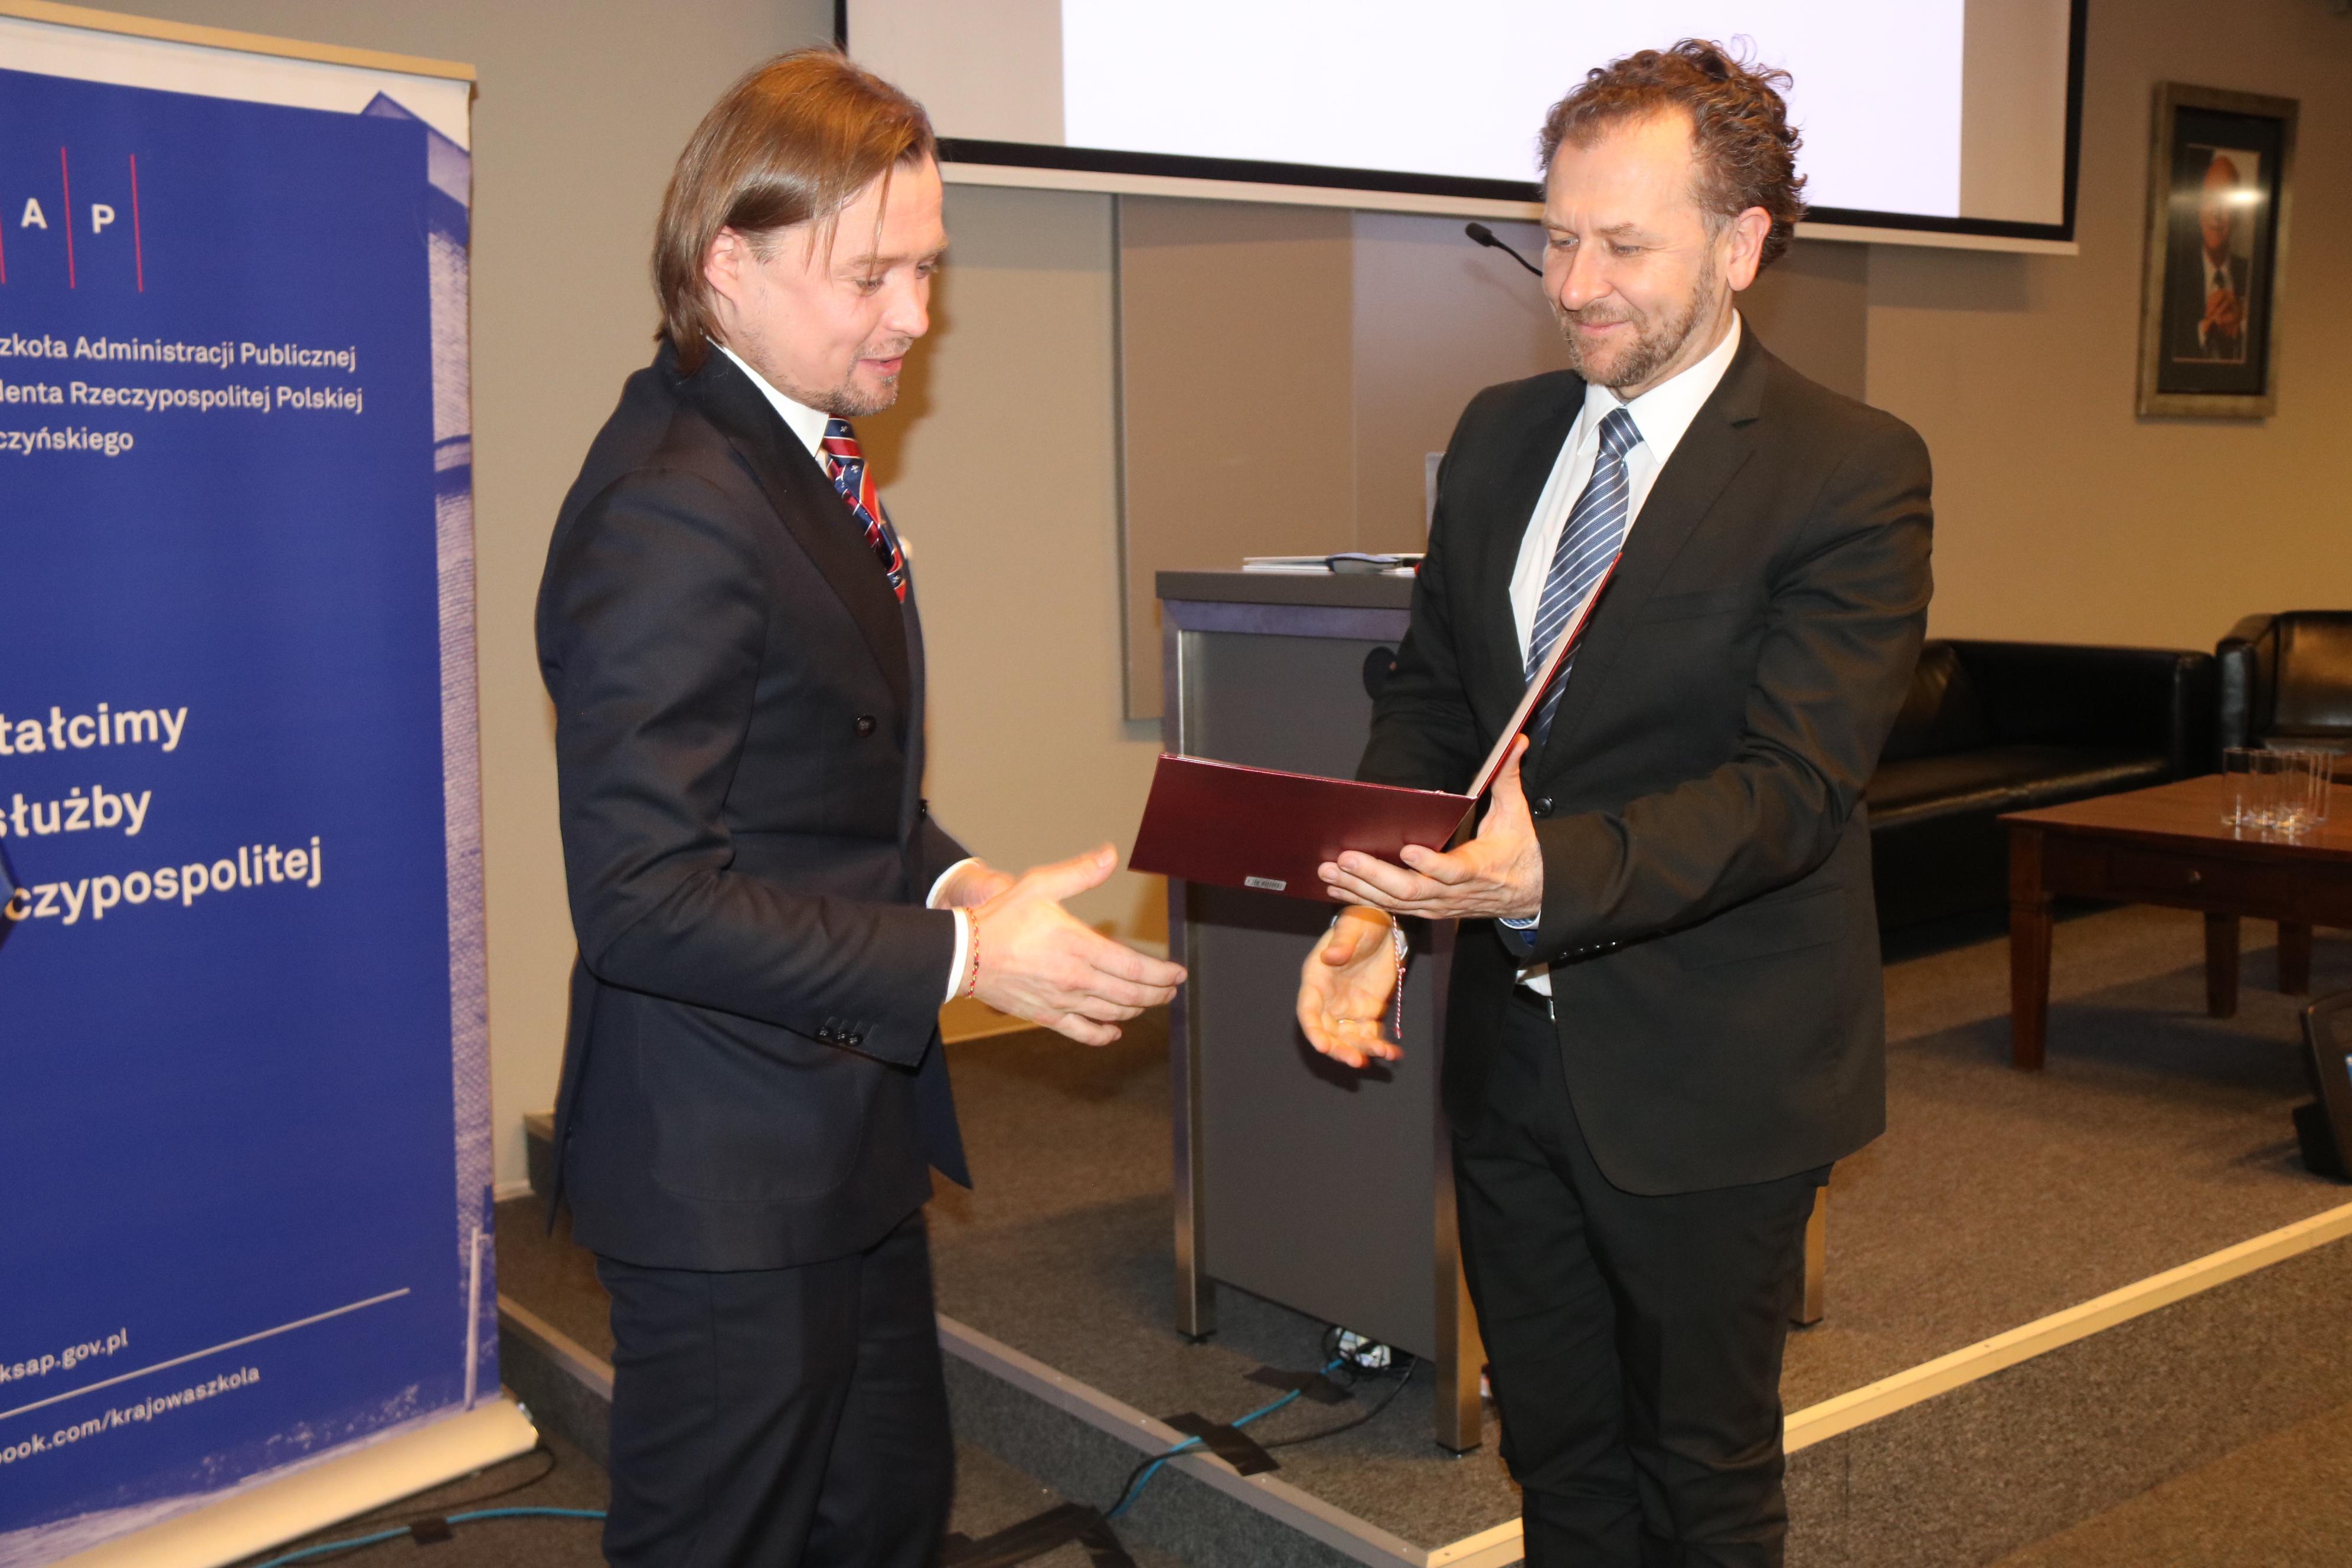 Od lewej: Mariusz Frankowski, Dyrektor Mazowieckiej Jednostki Wdrażania Programów Unijnych i Robert Bartold, Dyrektor Generalny Ministerstwa Inwestycji i Rozwoju